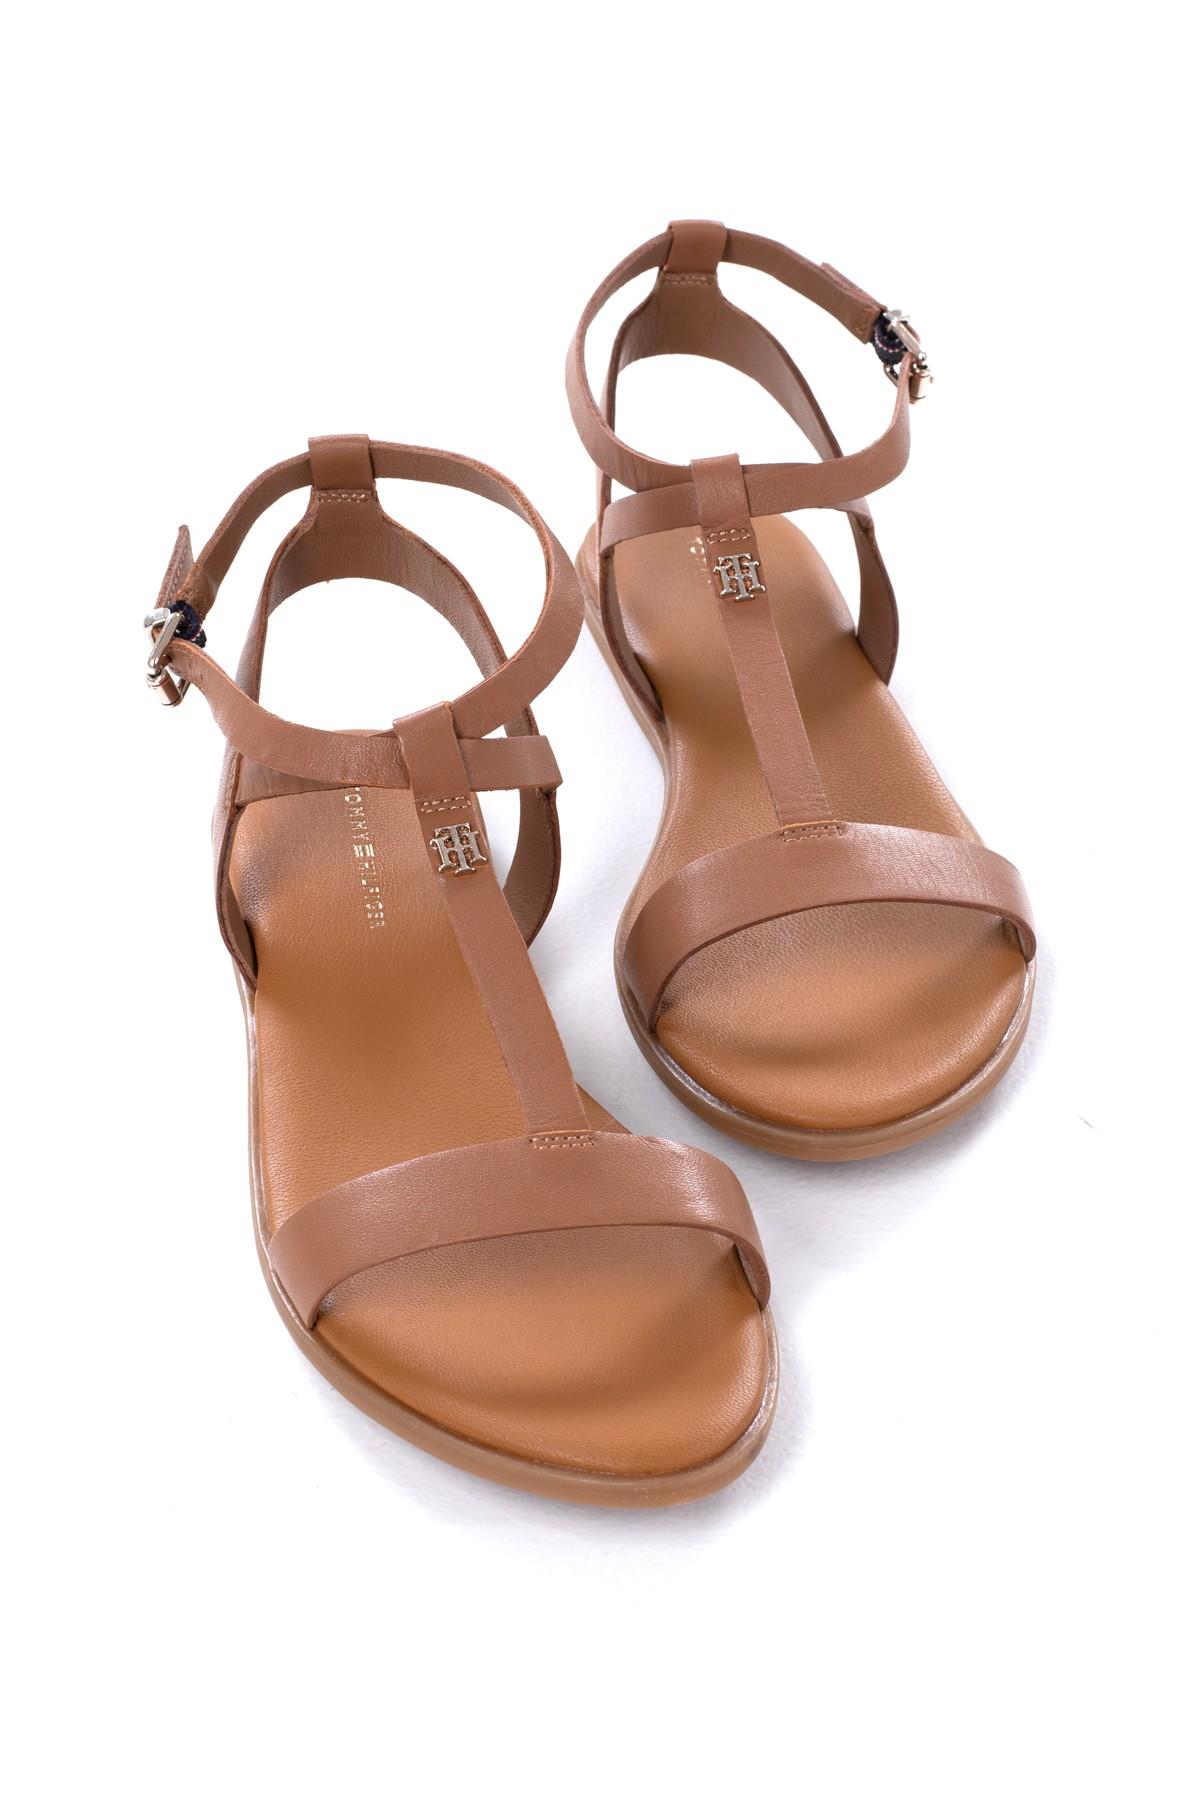 Sandals FEMININE LEATHER FLAT SANDAL-full-3